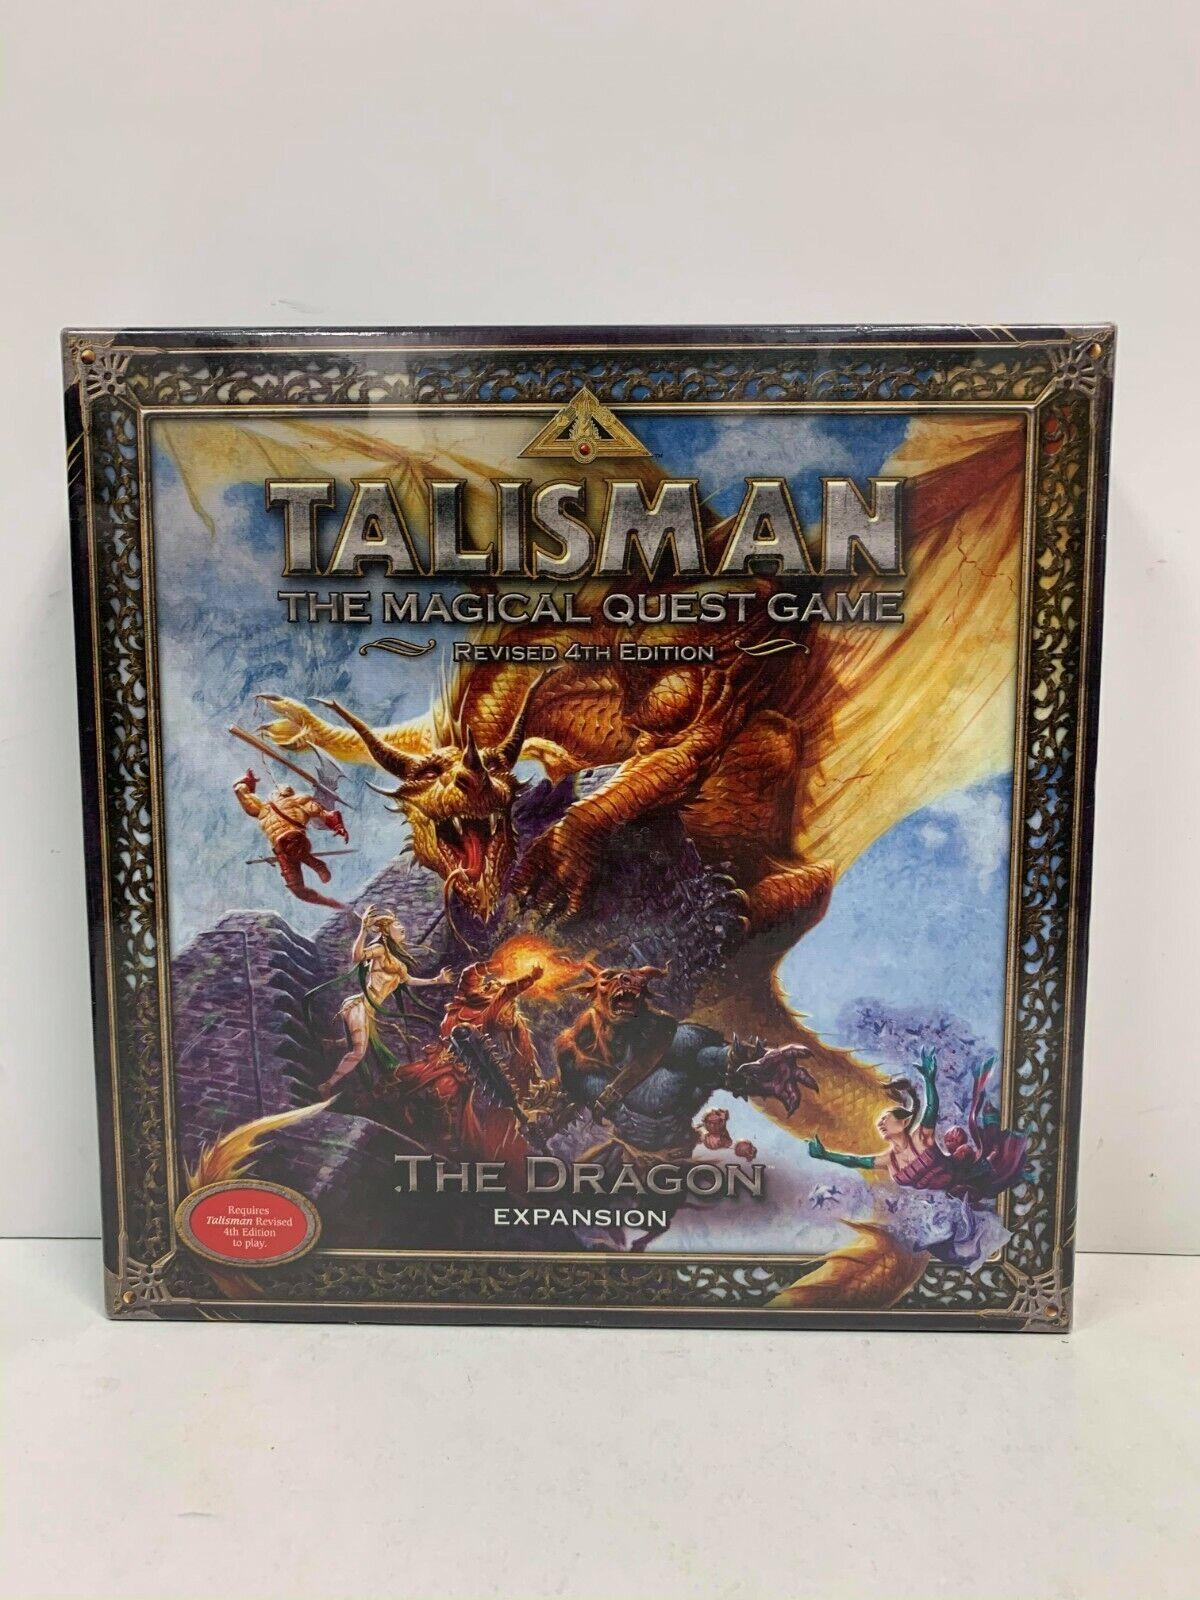 Talismán Mágico Quest Juego 4th edición revisada el dragón Expansión Juego De Mesa